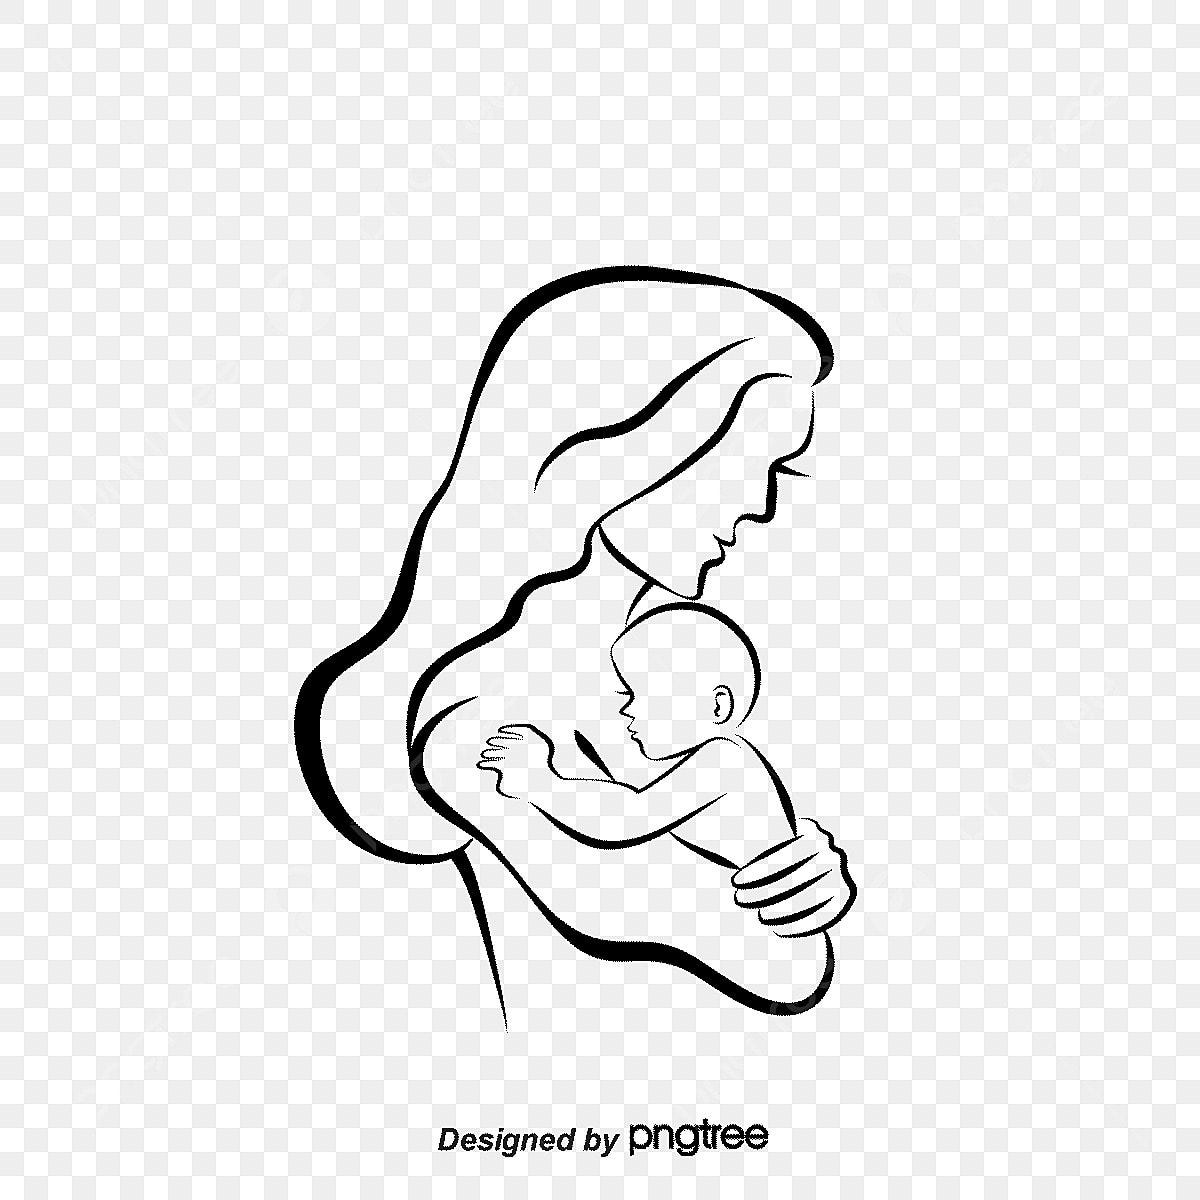 Gambar Ibu Berikan Yang Bayi Menyusu Vektor Bayi Menyusukan Anak Png Dan Psd Untuk Muat Turun Percuma